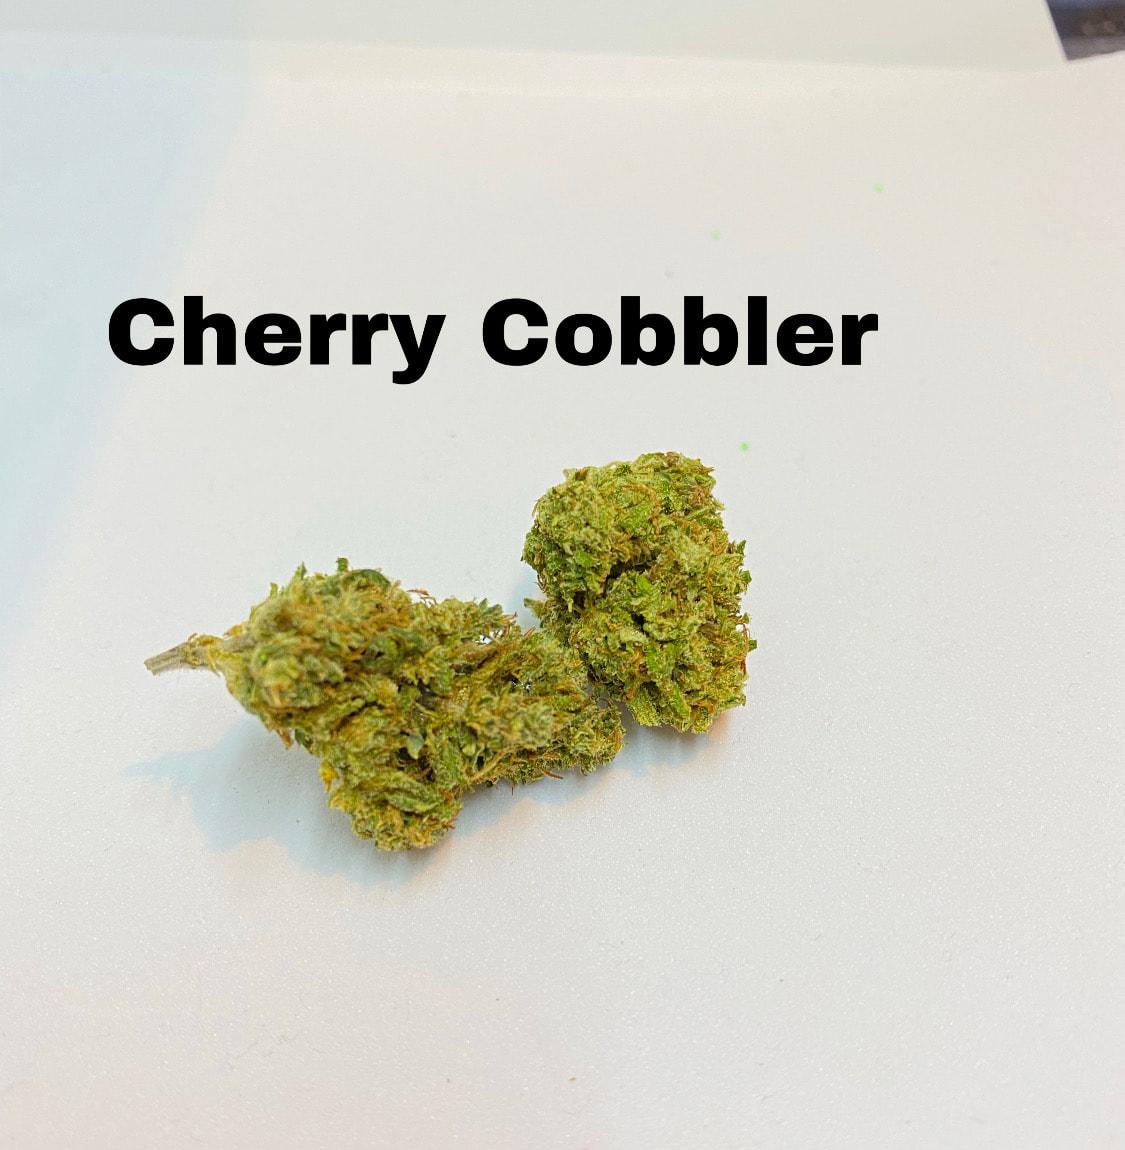 Cherry Cobbler CBD Hemp Flower